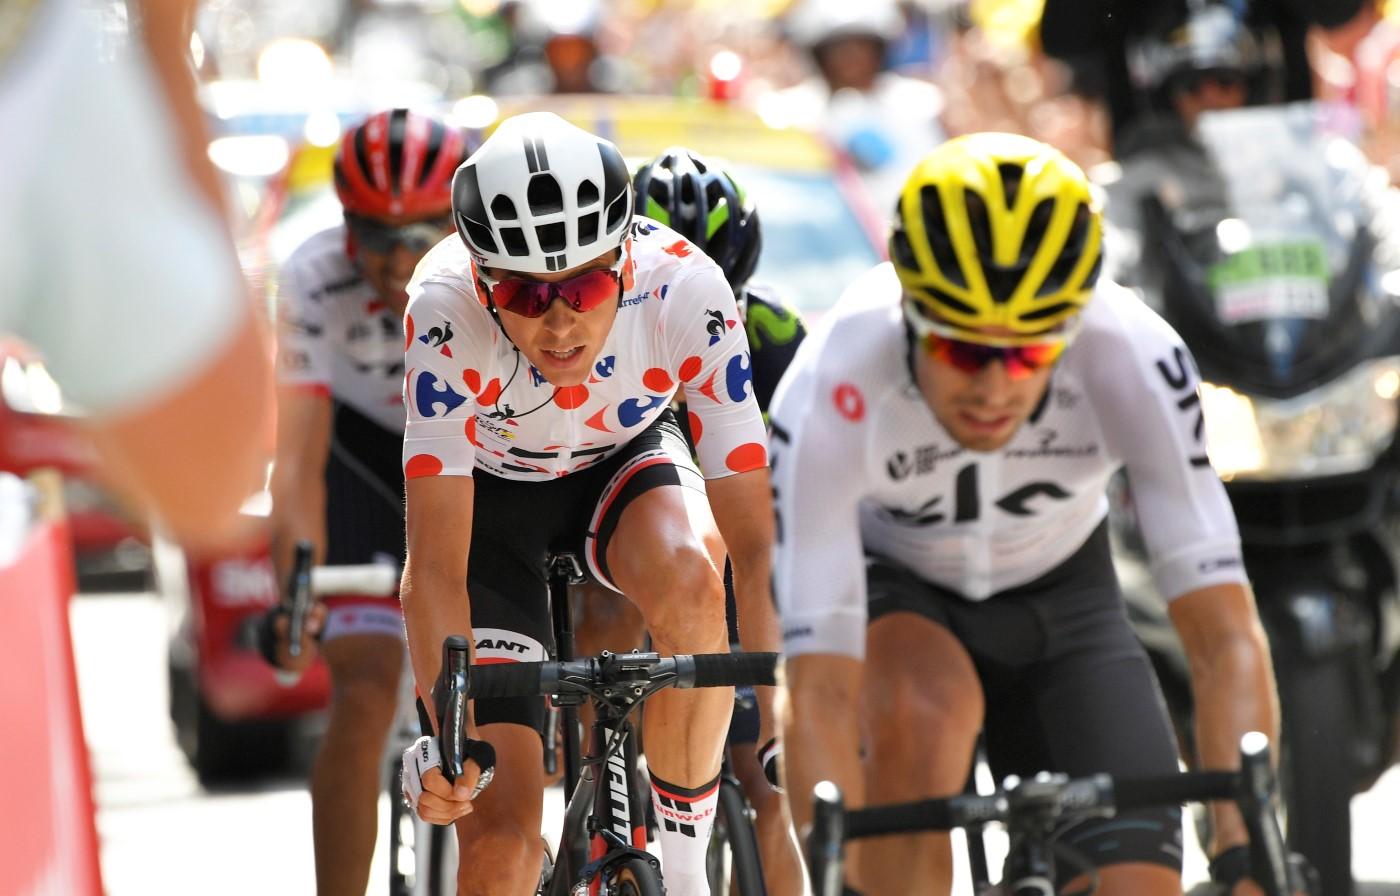 Tour de France 2017 - 14/07/2017 - Etape 13 - Saint-Girons / Foix (101 km) - France